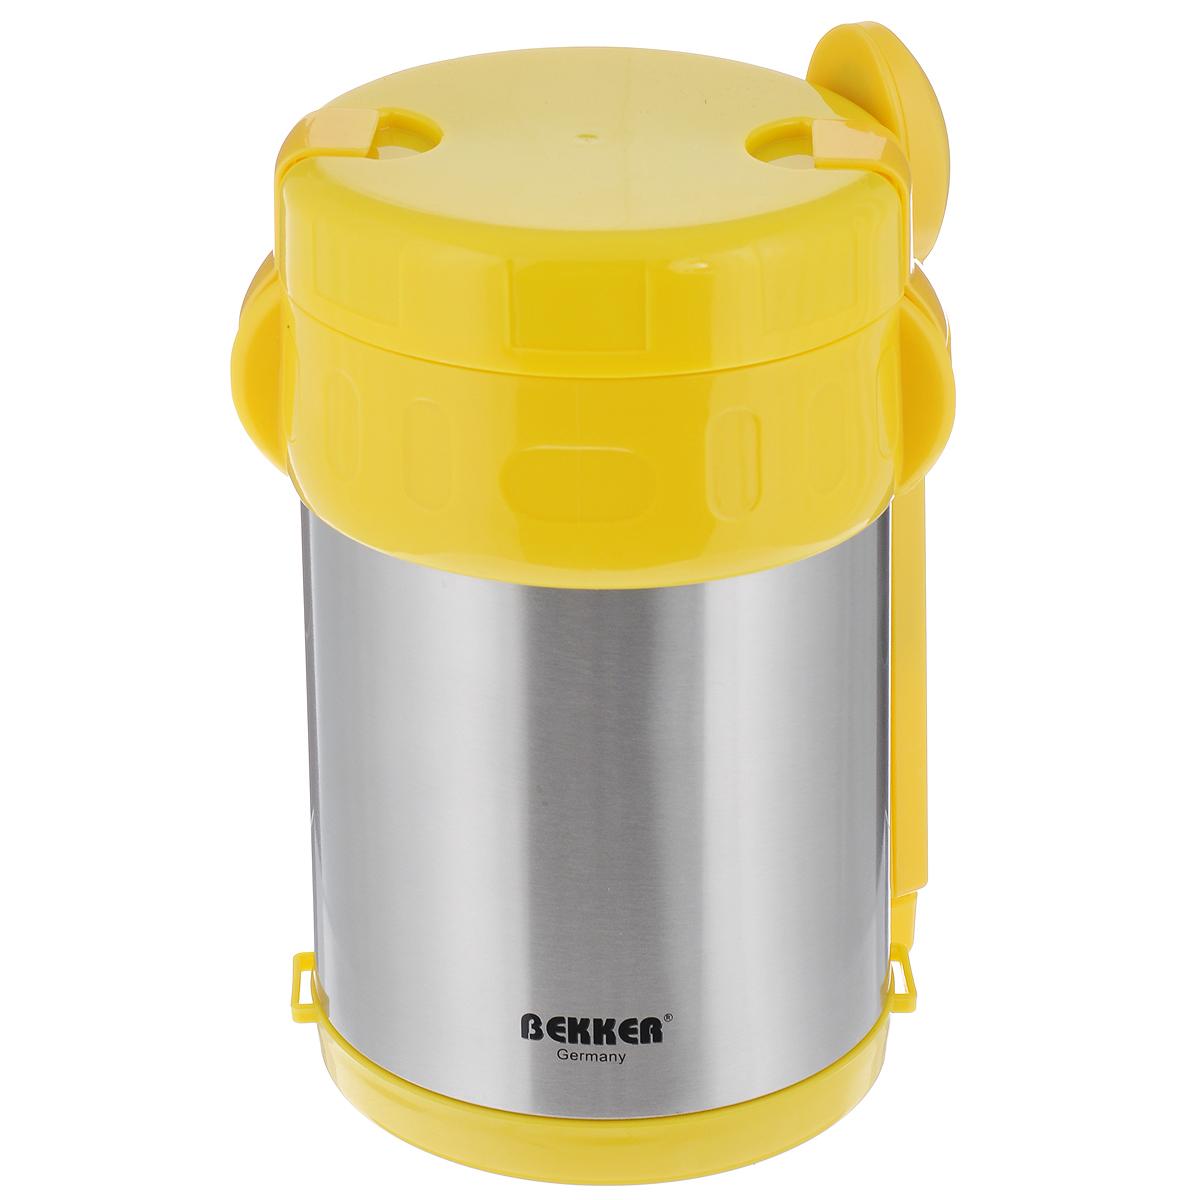 Термос Bekker Koch, с контейнерами, цвет: желтый, стальной, 2 л. BK-42 контейнер для сыпучих продуктов bekker koch 2 9 л